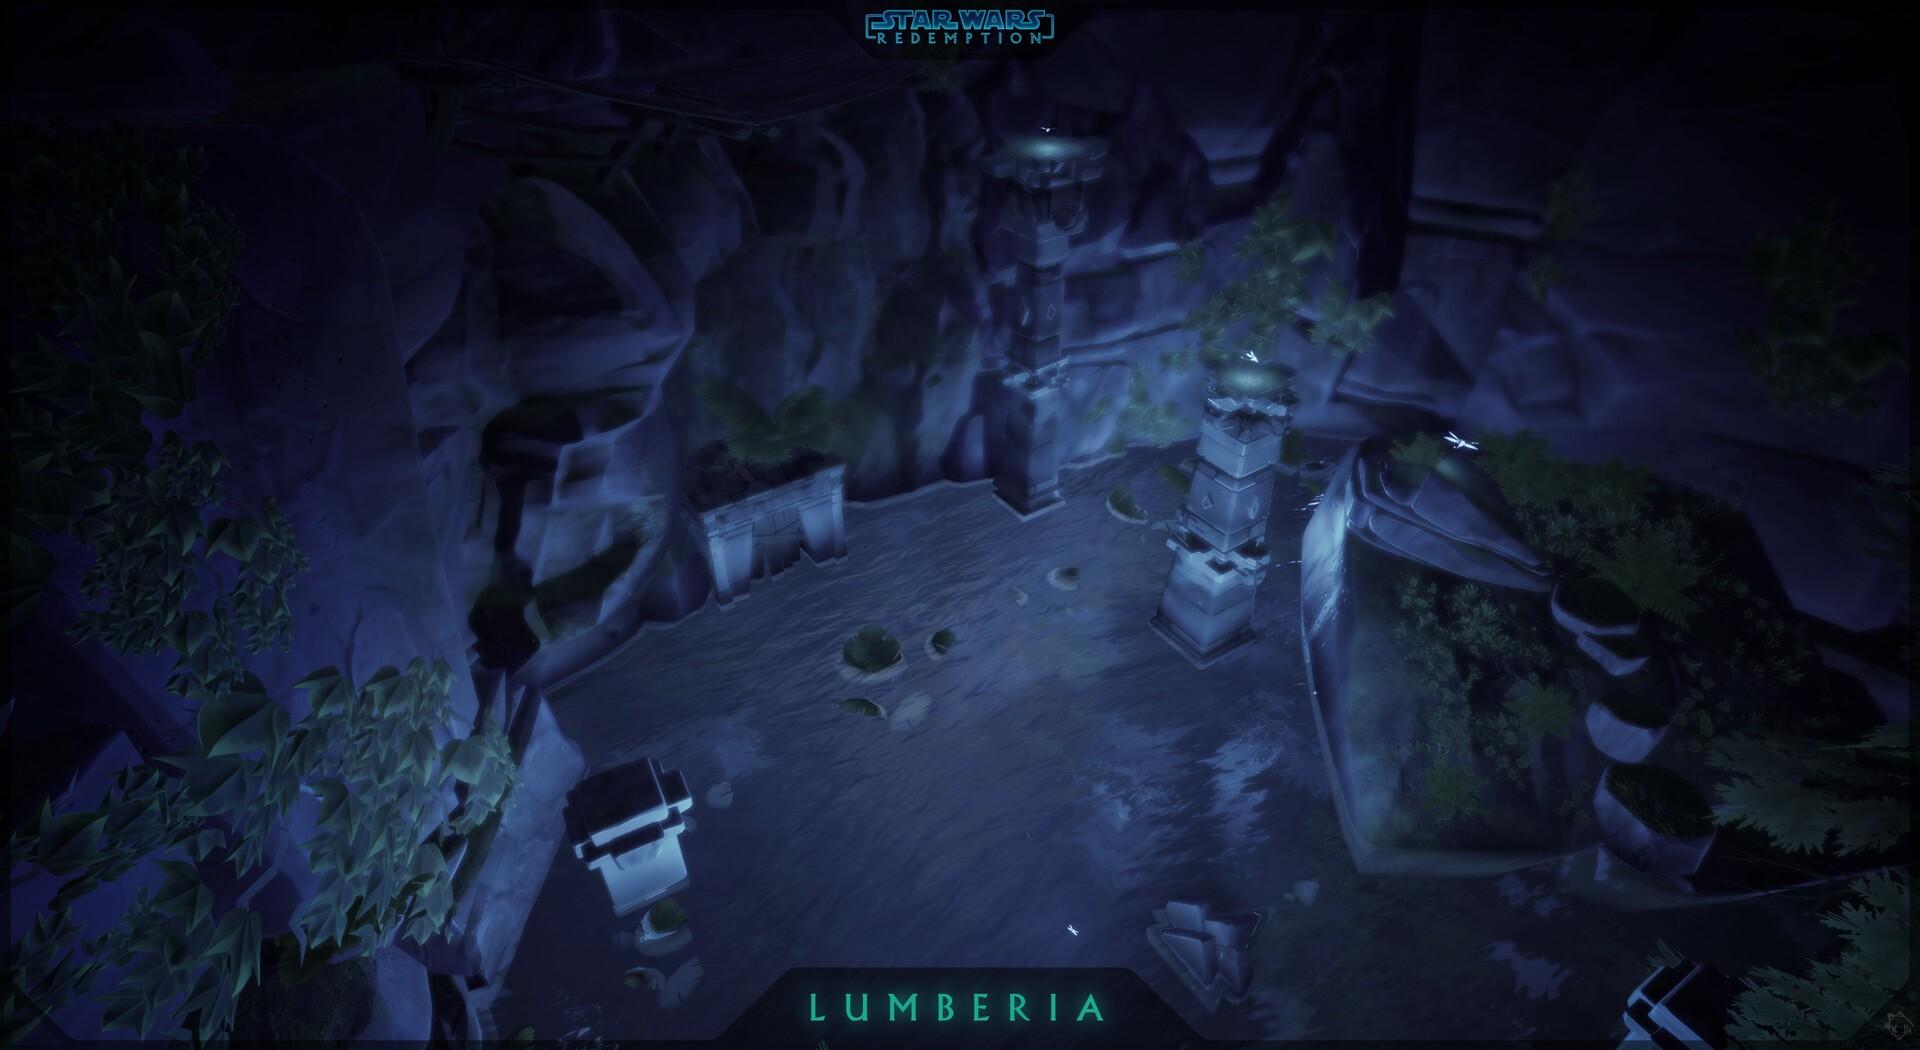 Etienne beschet swr screenshot lumberia ruins 20